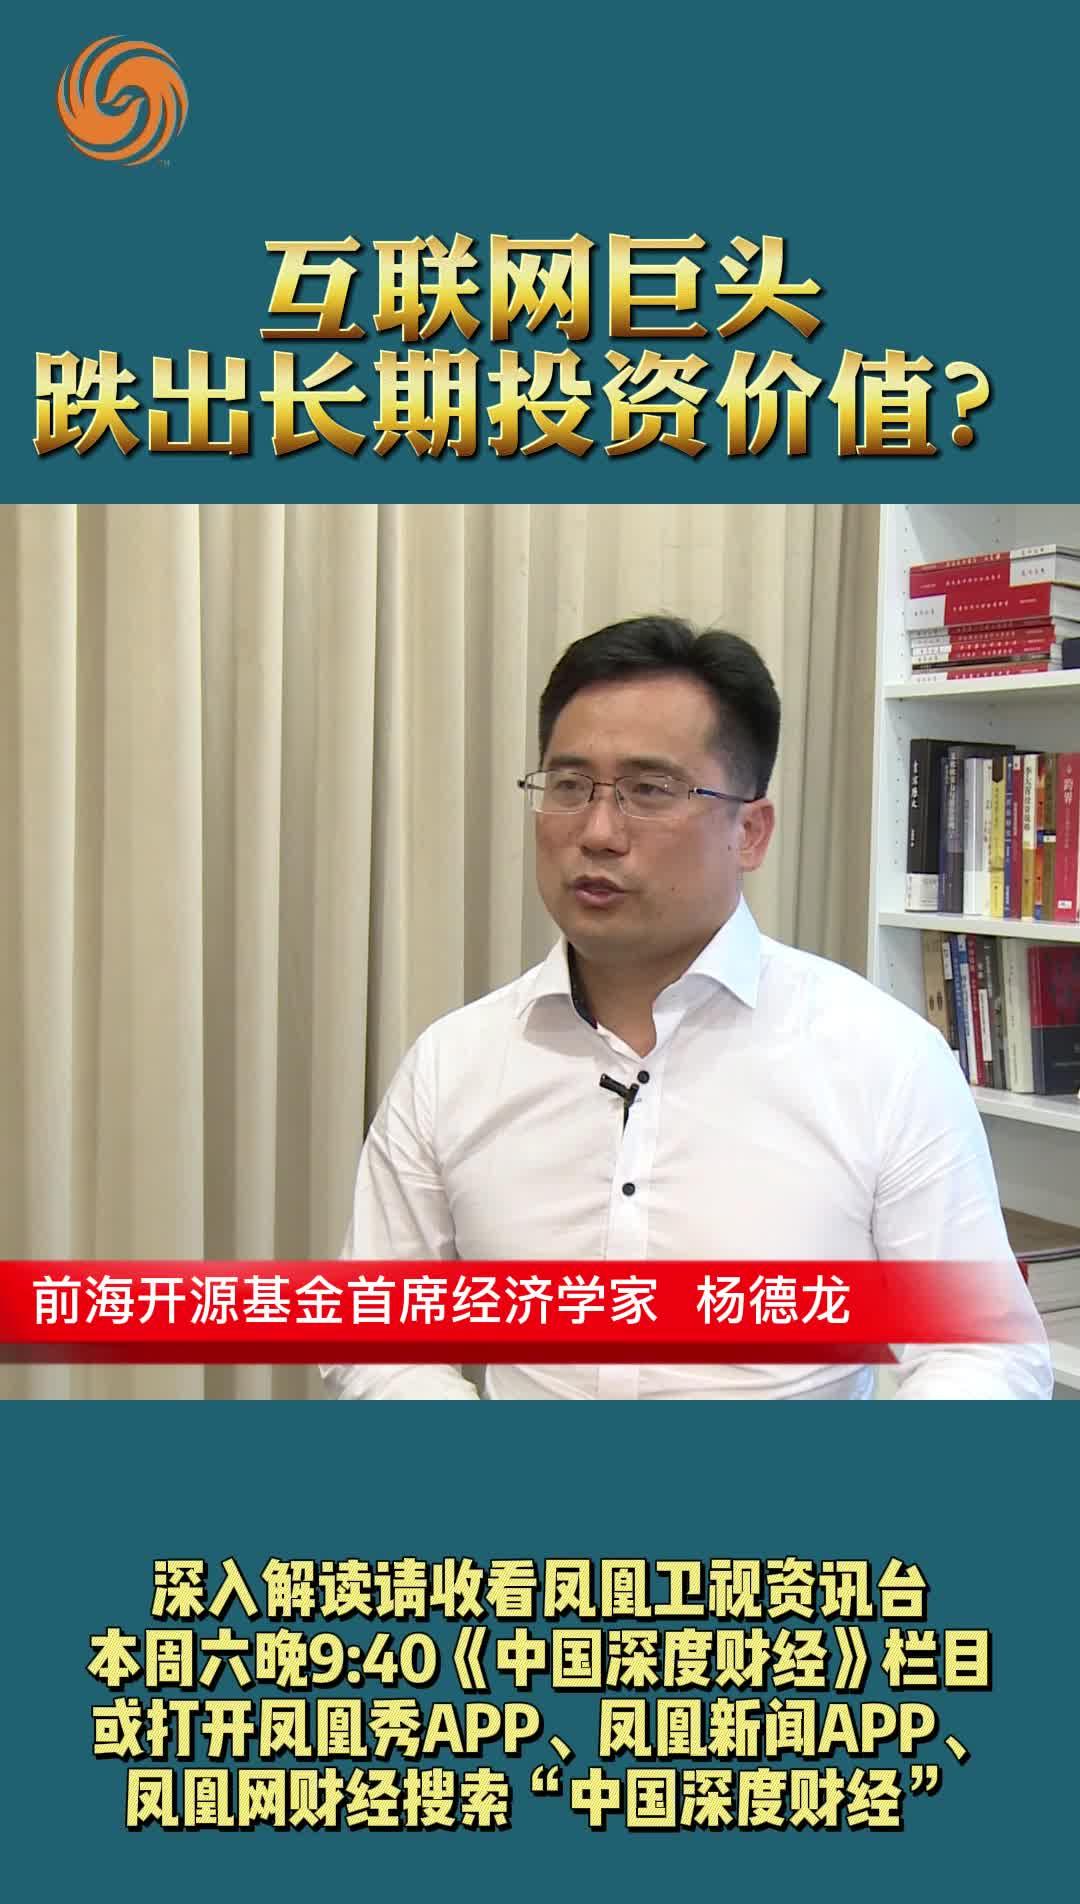 杨德龙:互联网巨头跌出长期投资价值?